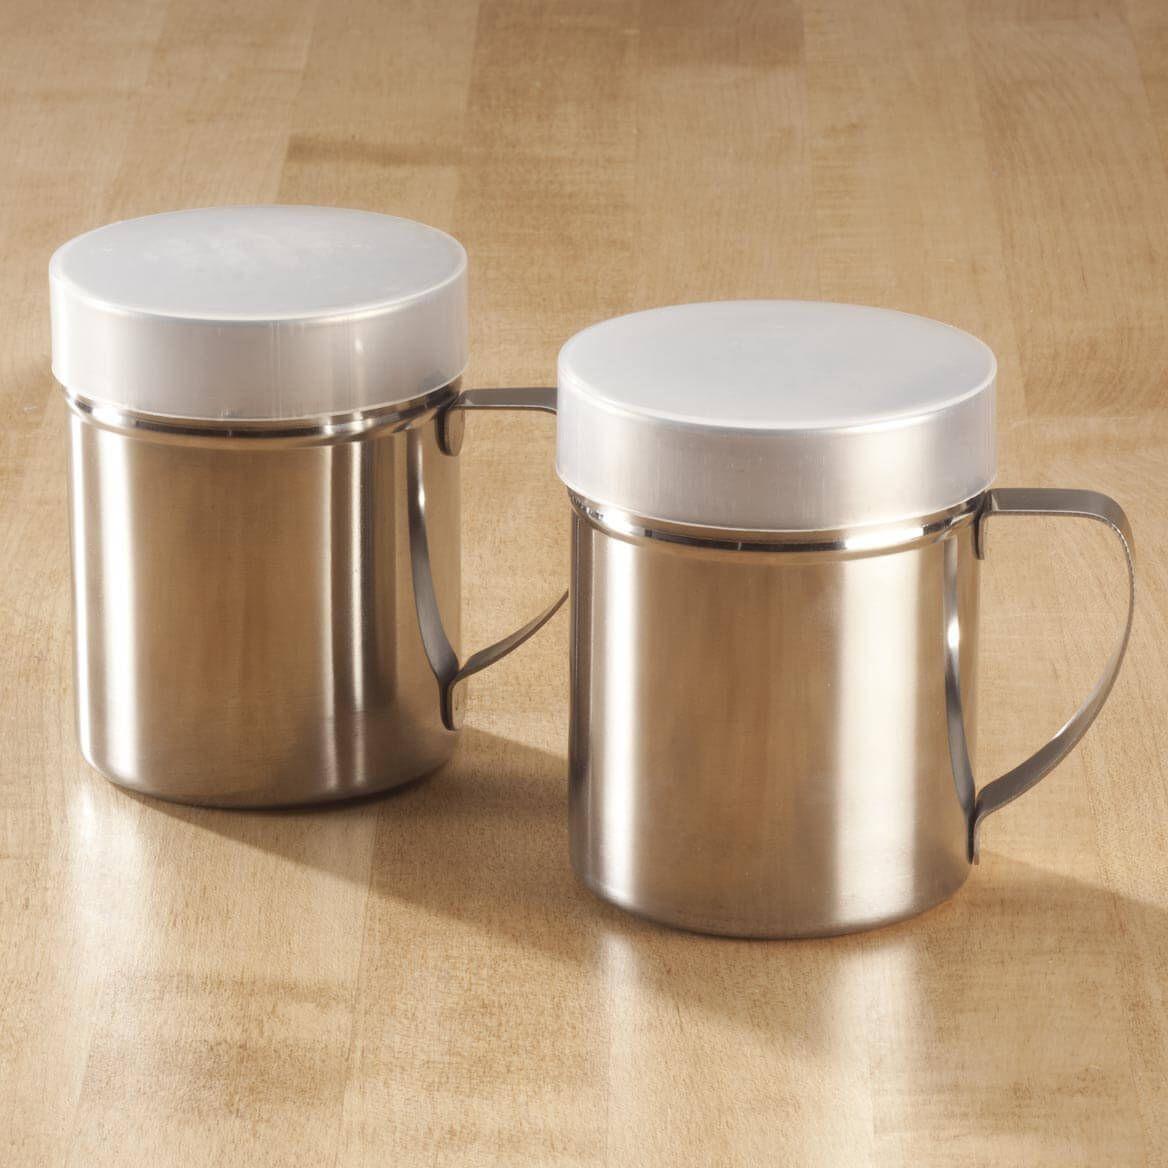 Stainless Steel Shaker Set-311306